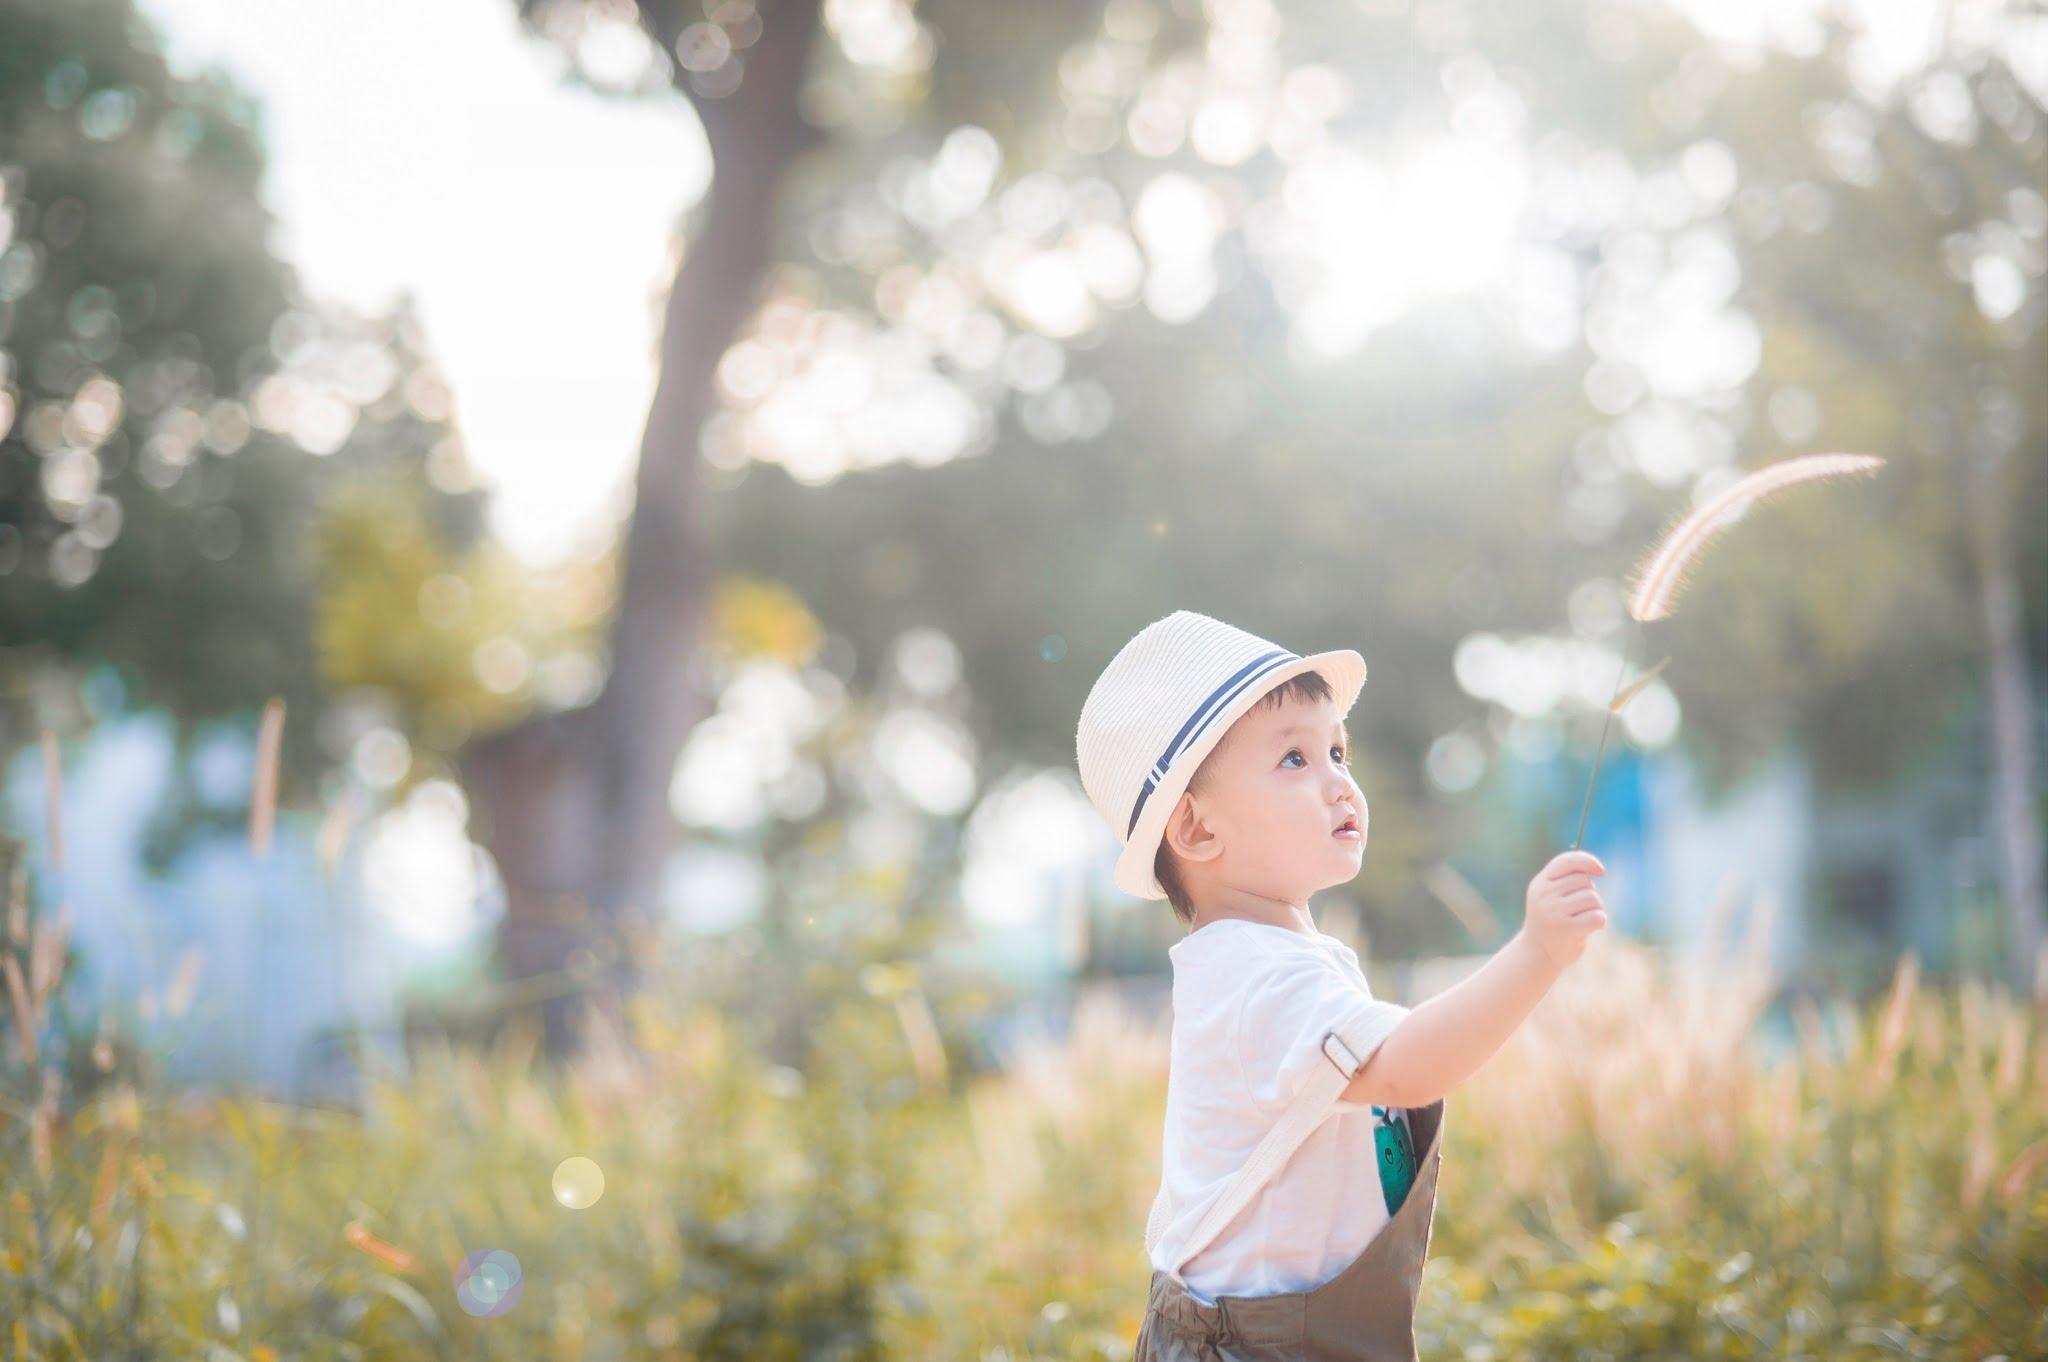 Judo 1 - Công viên Gia Định, địa điểm lý tưởng để chụp hình cho em bé